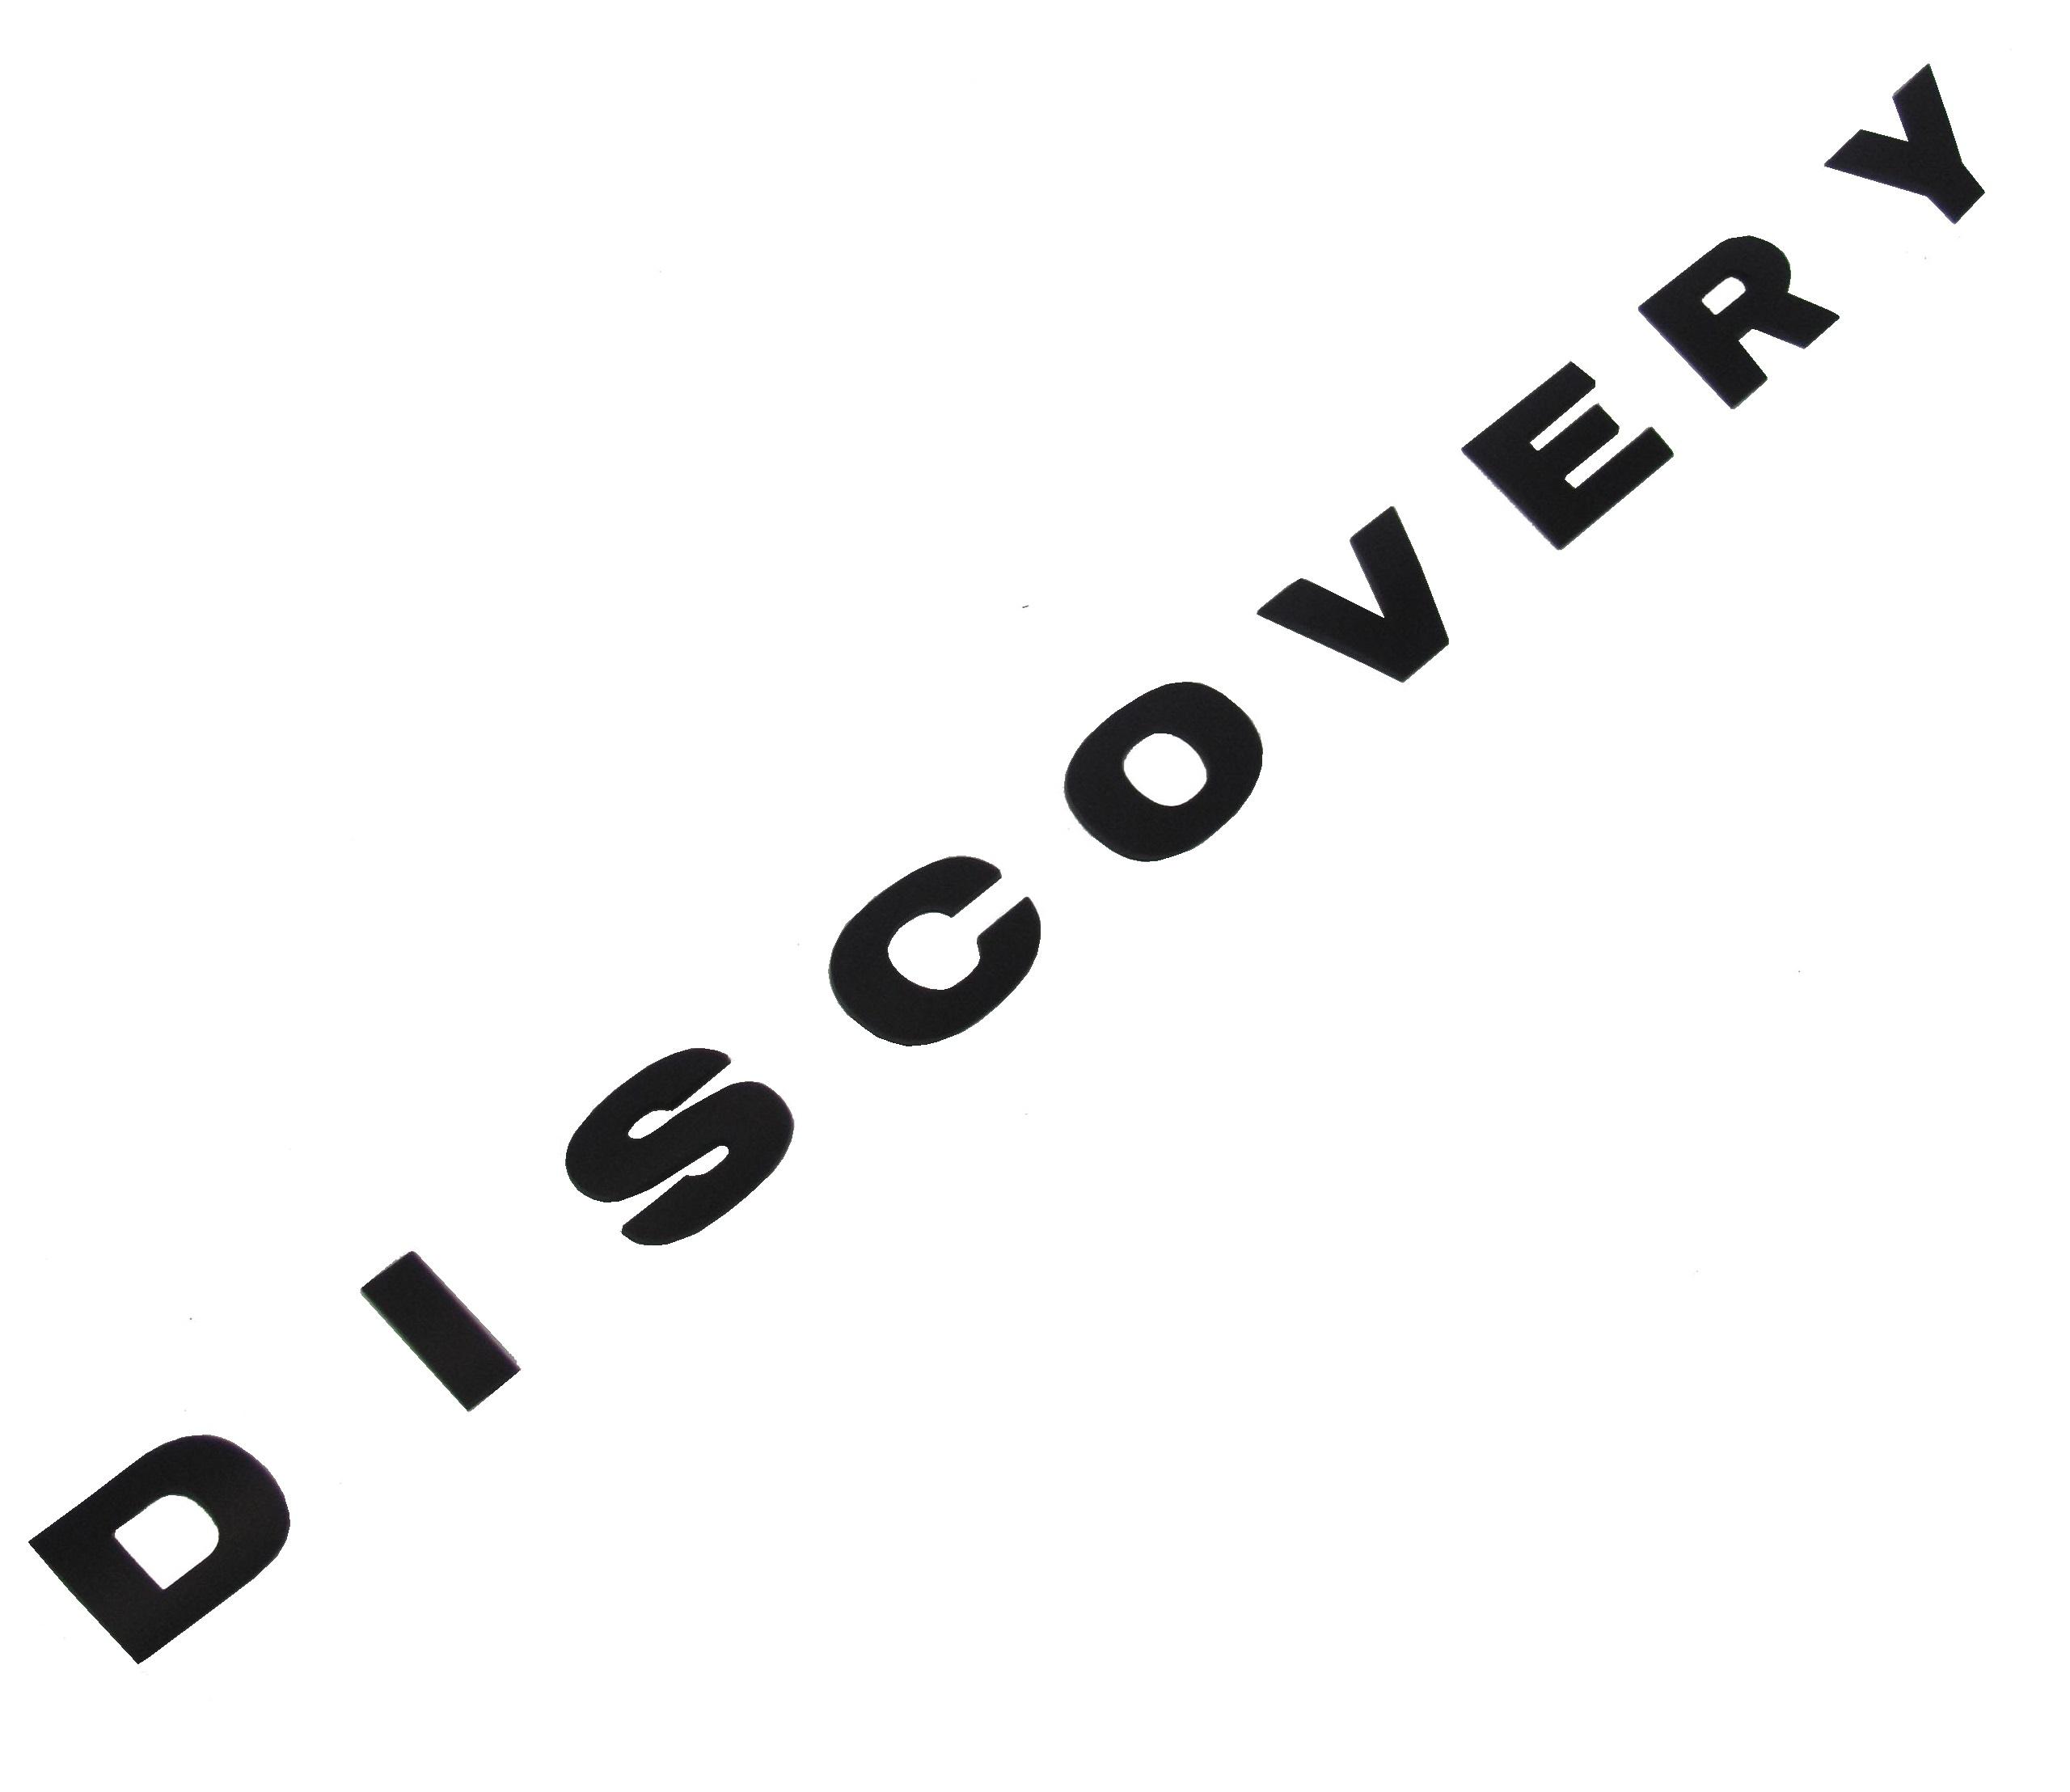 Matt Black Discovery Bonnet Lettering Upgrade Kit For